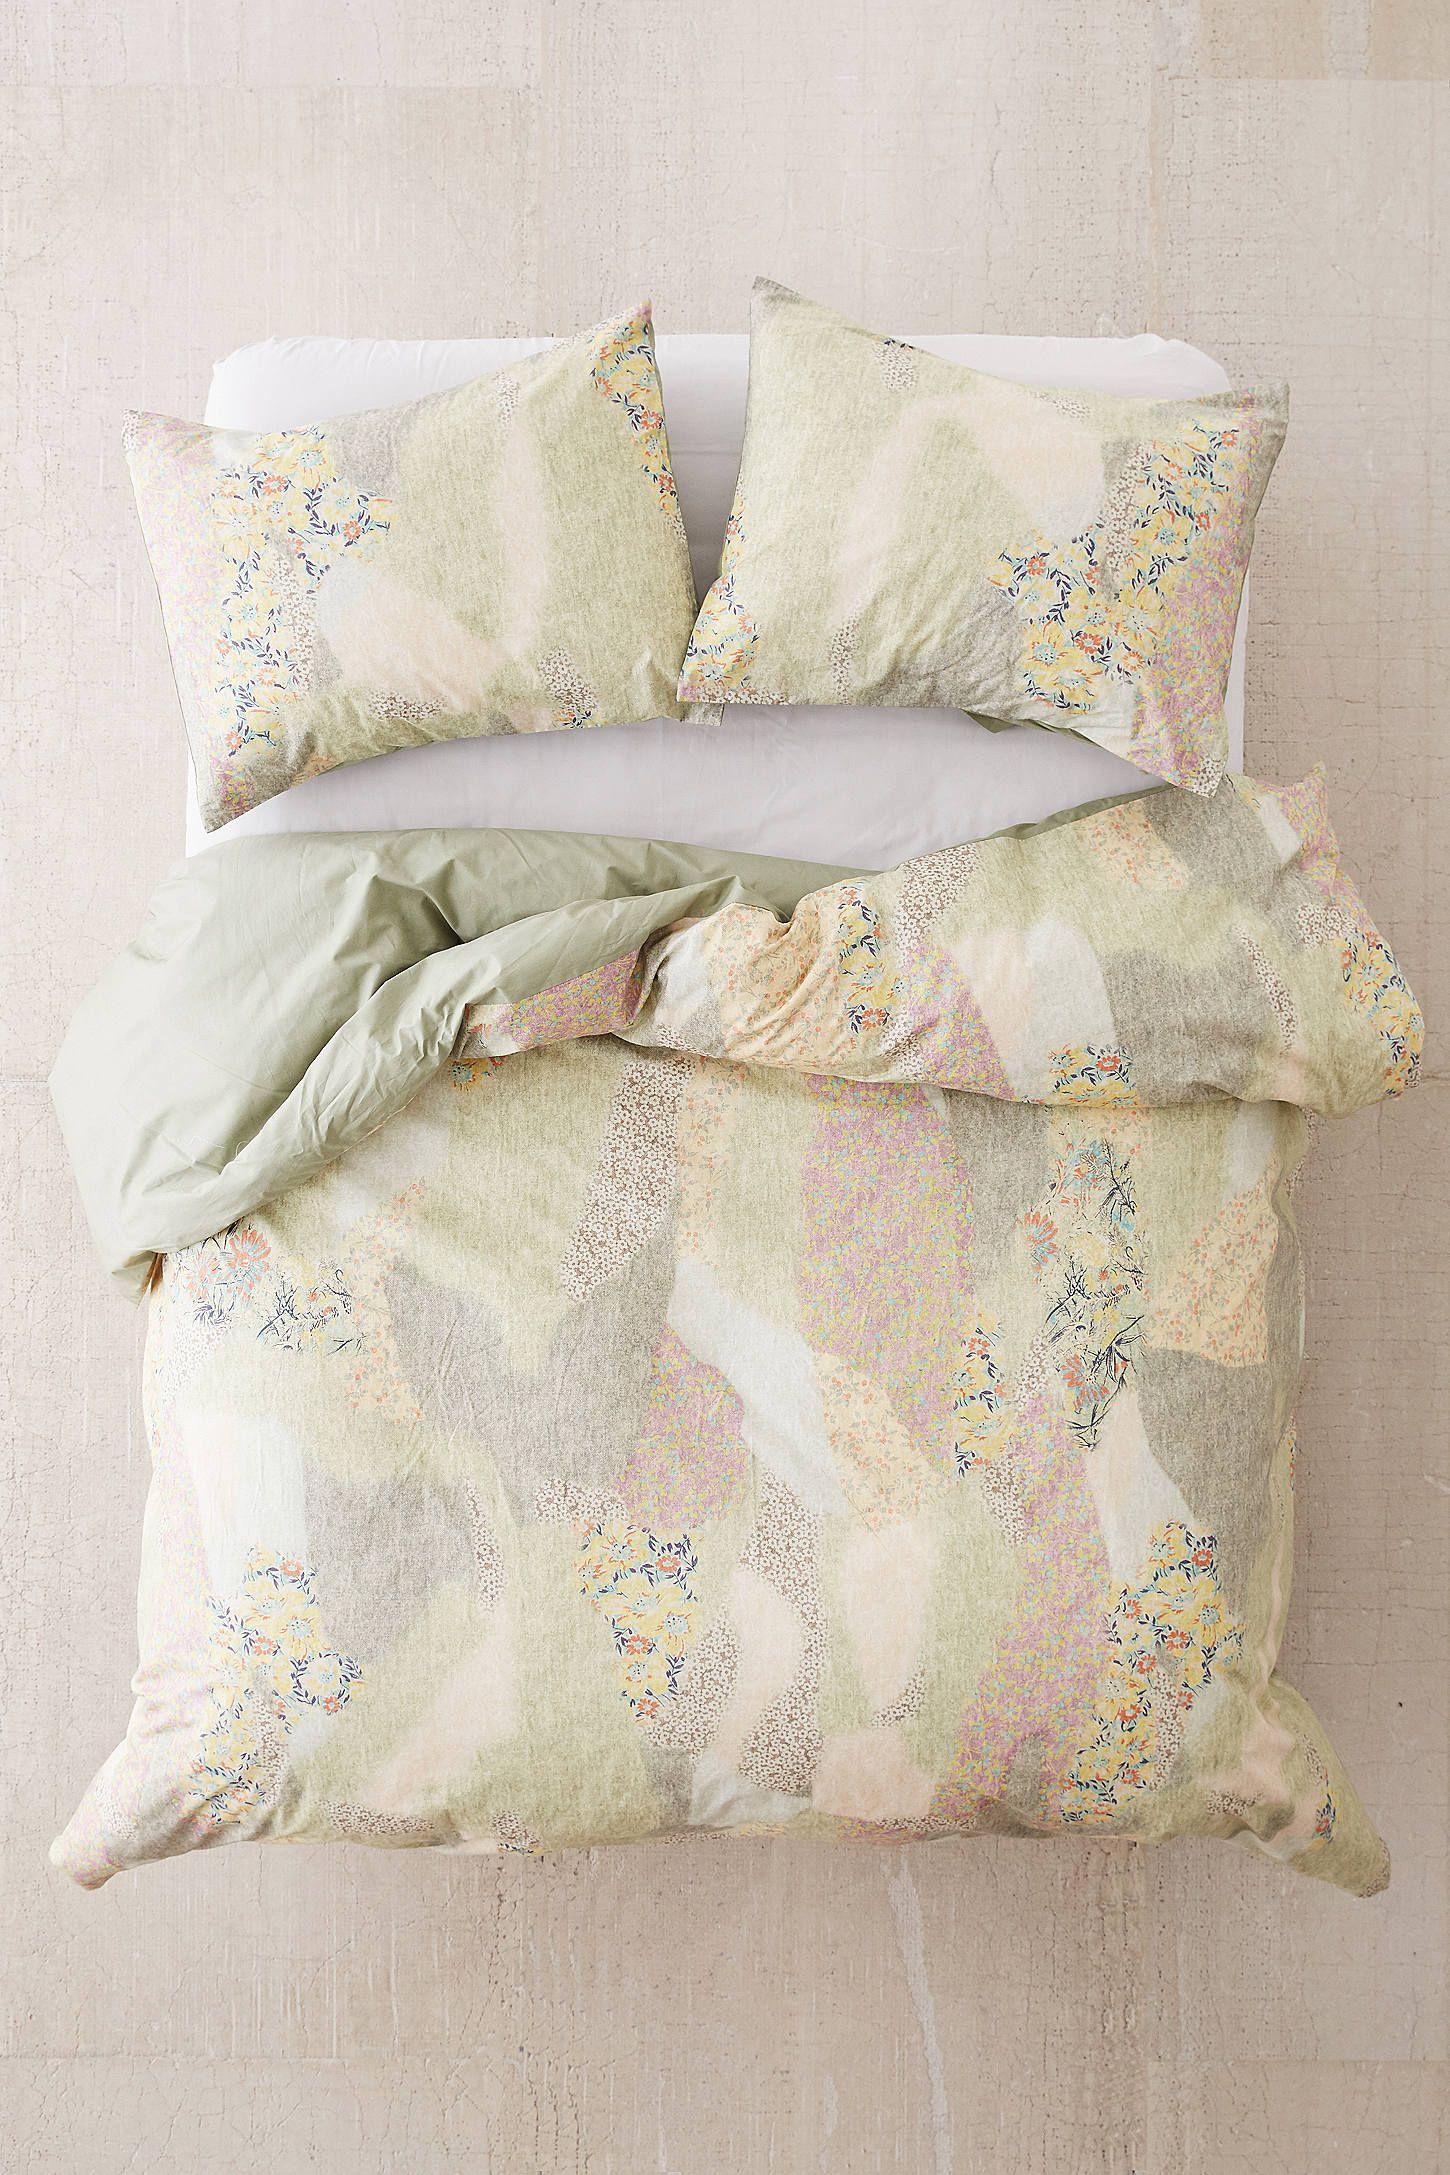 Floral Camo Duvet Cover Floral Camo Duvet Covers Green Duvet Covers